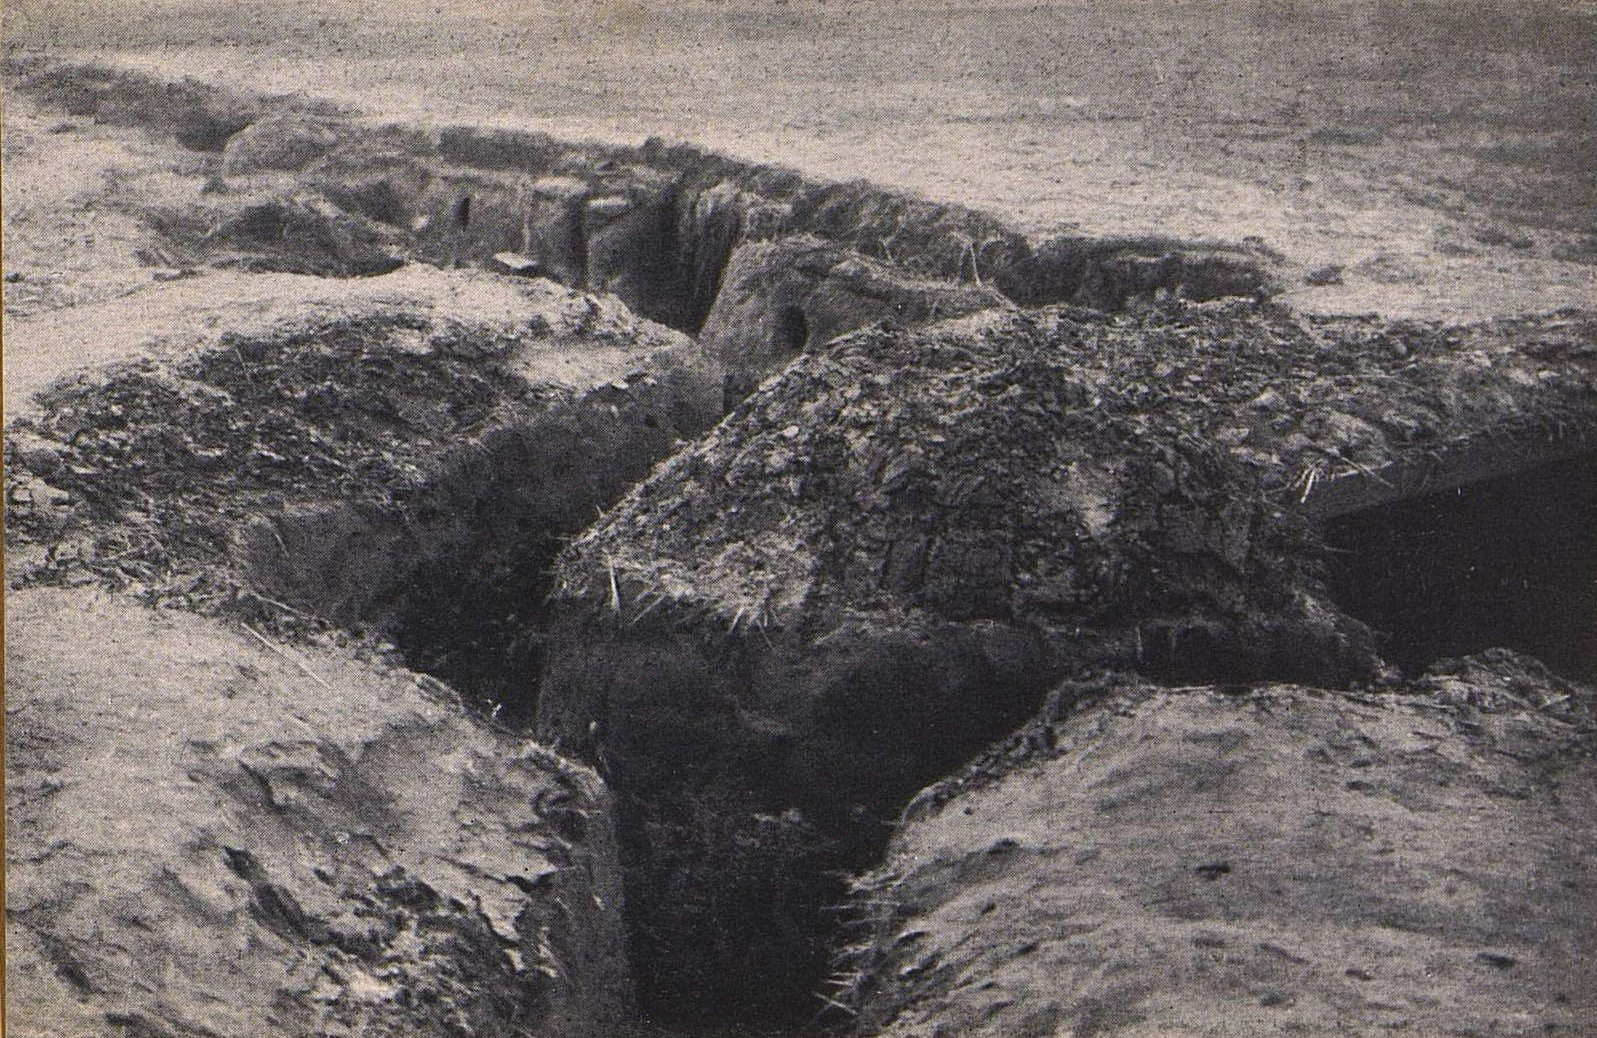 02. Немецкие окопы в Еленове под Варшавой